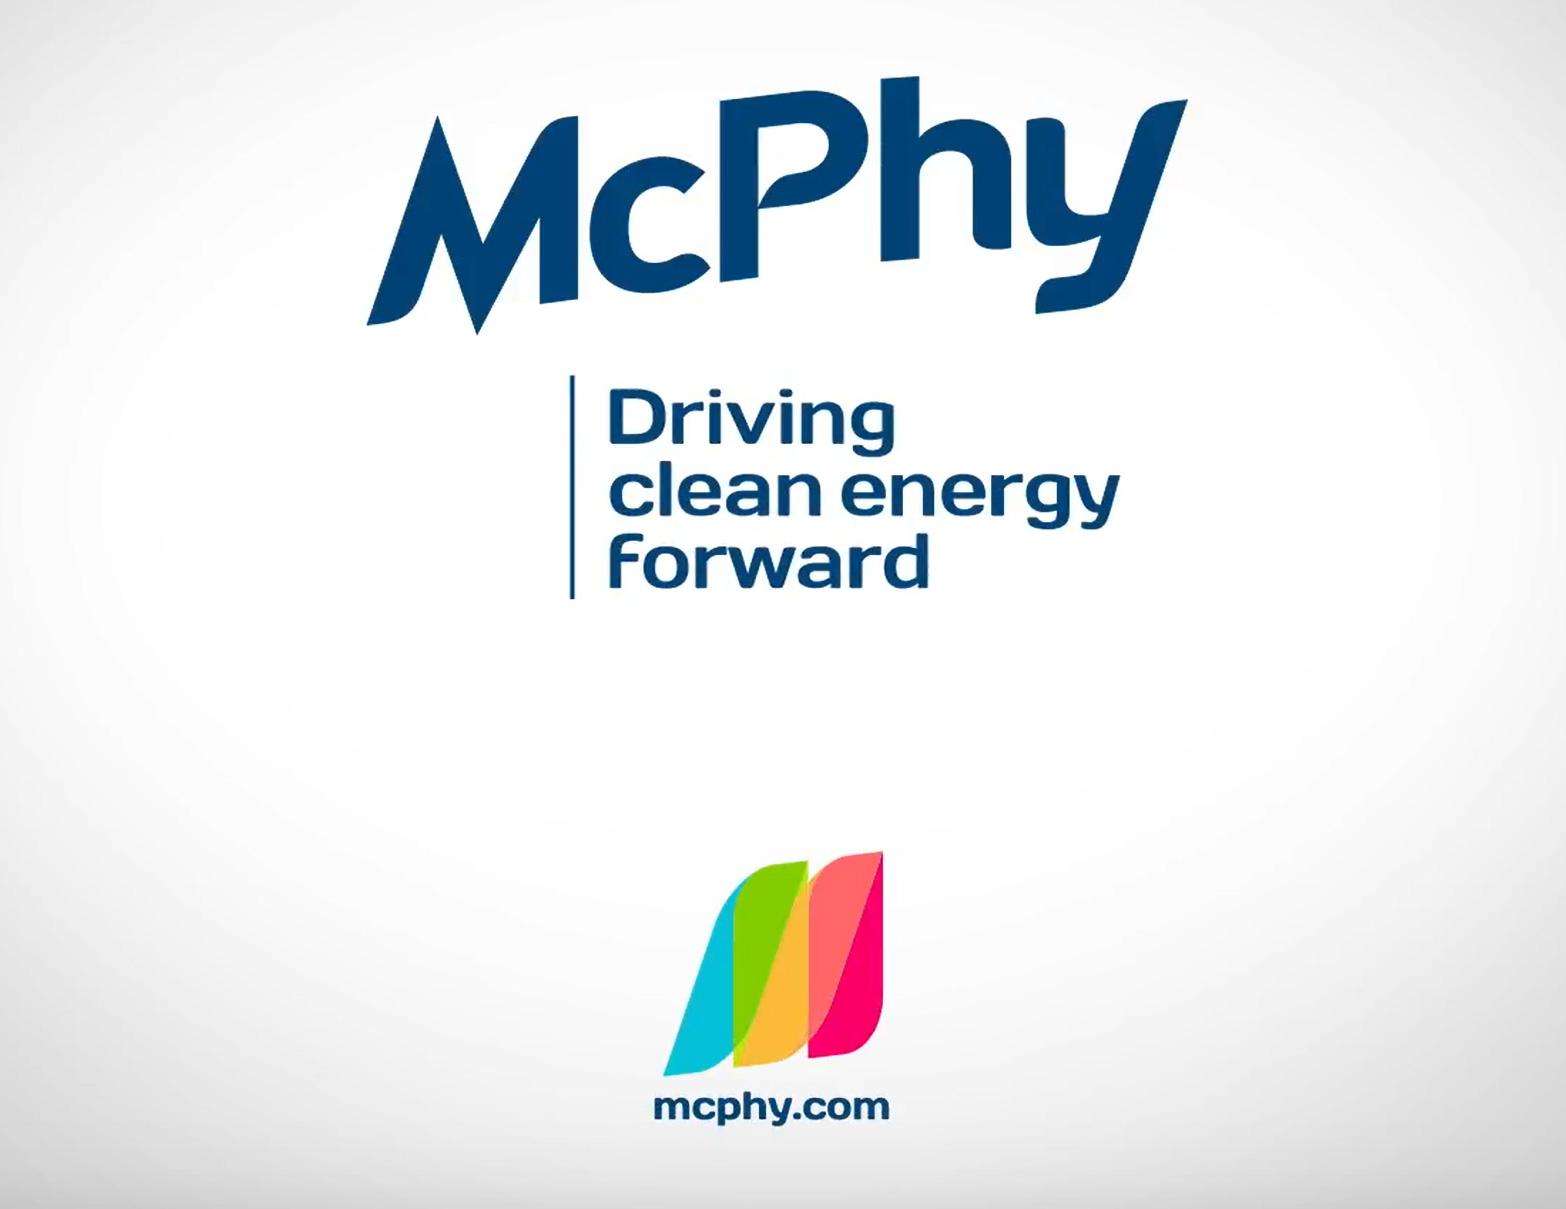 Mcphy-logo (1)